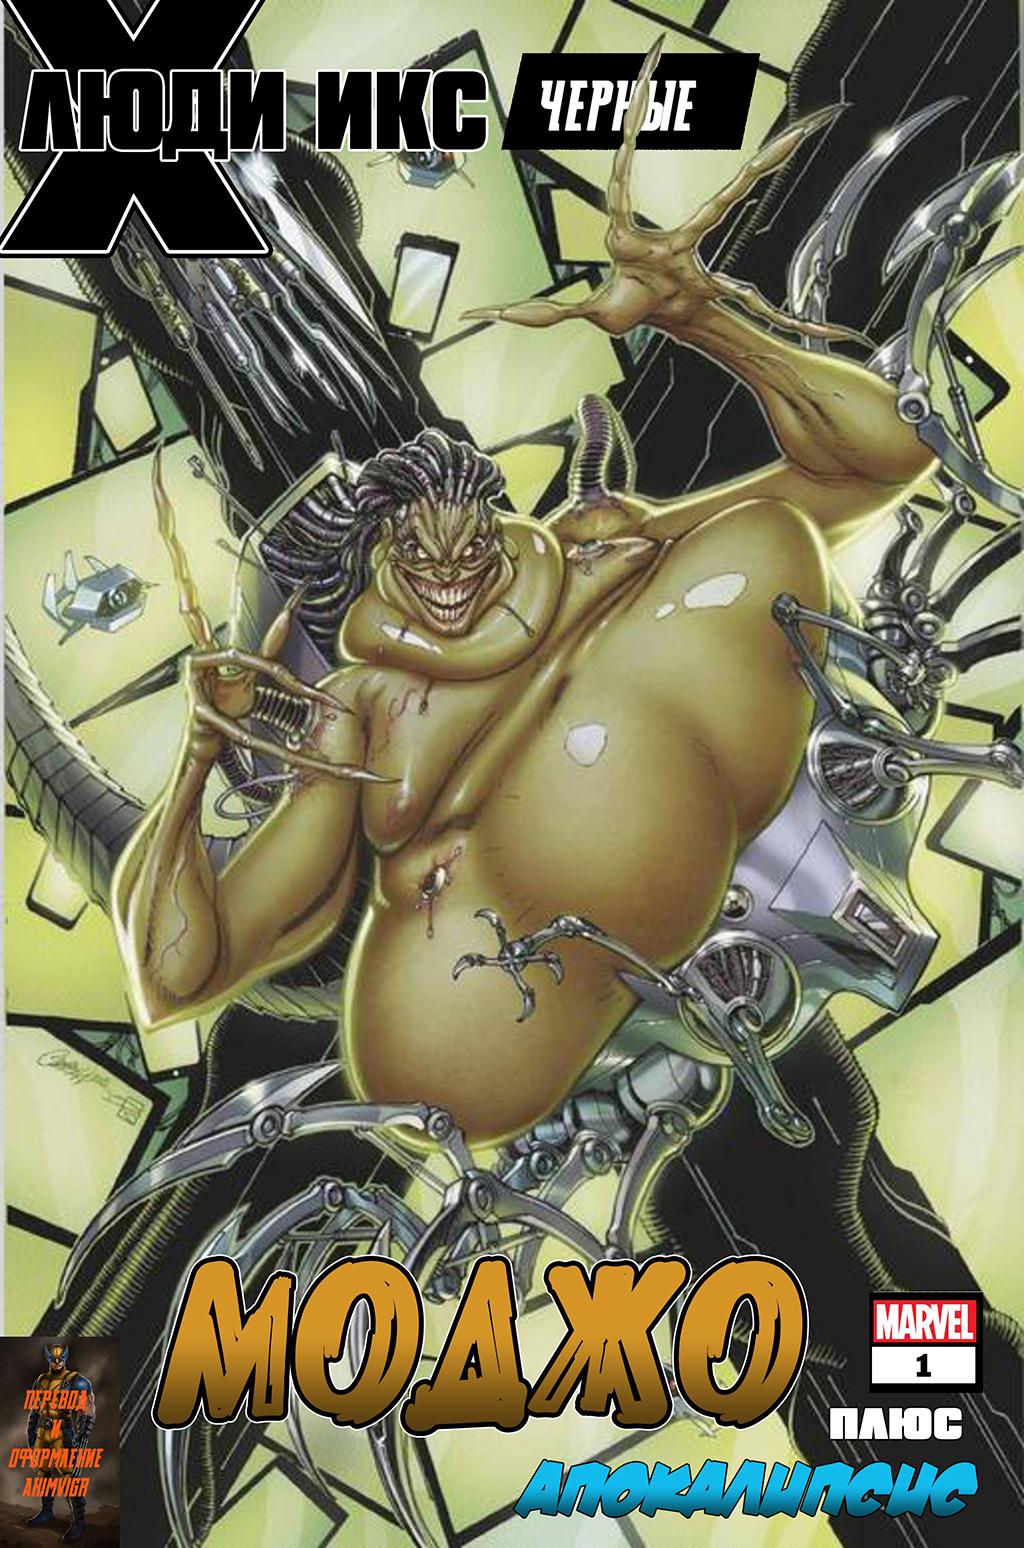 Комикс Люди Икс Черные